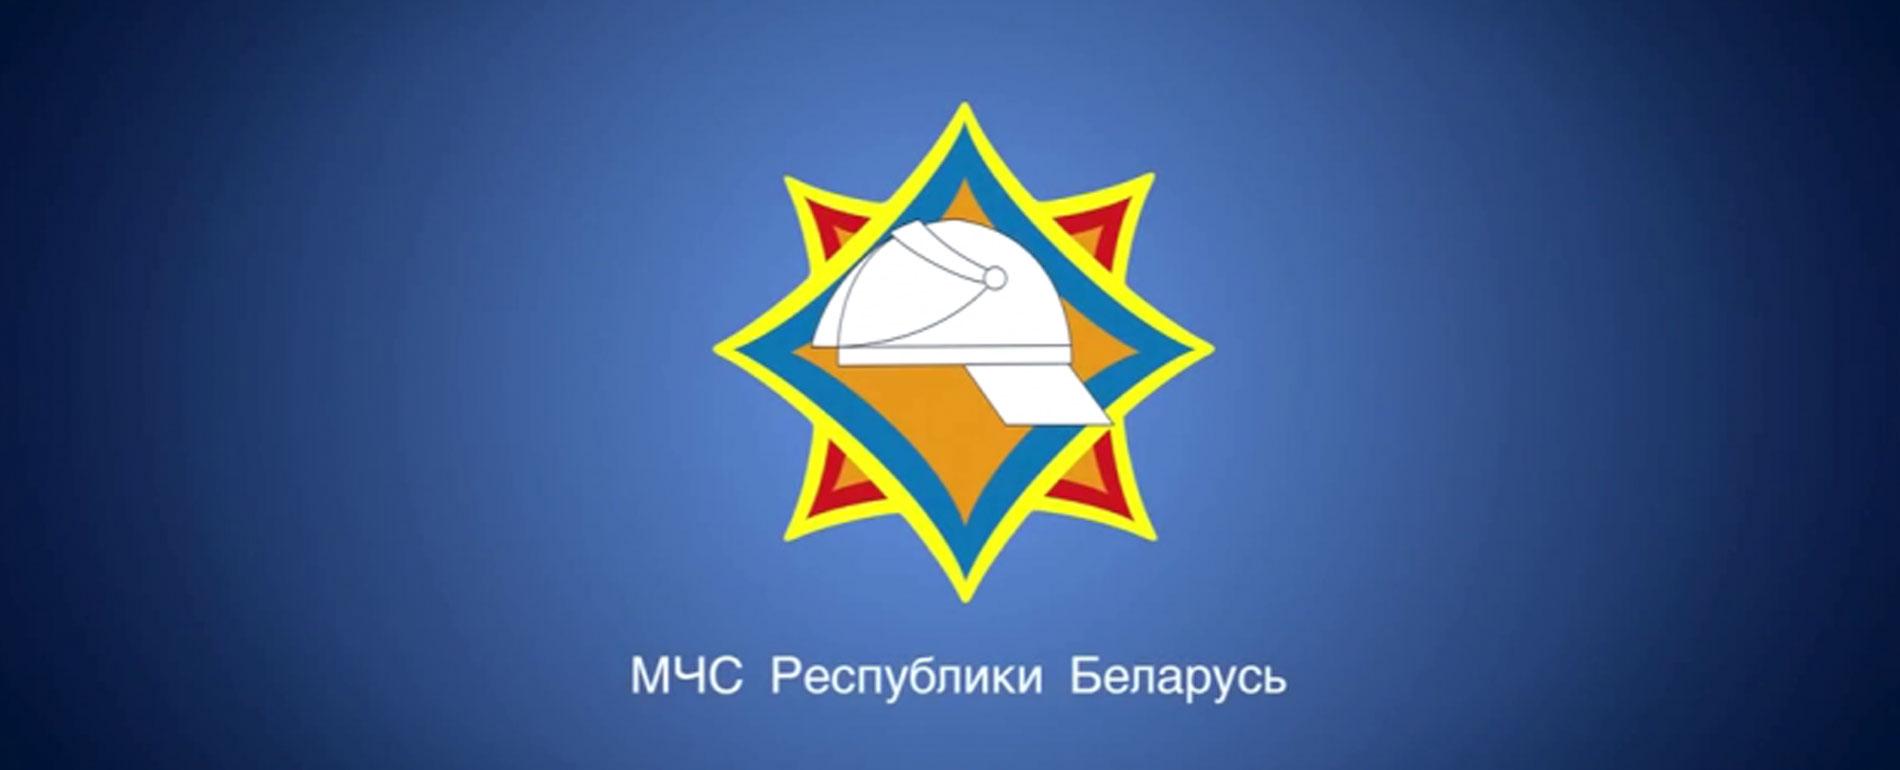 ДЕНЬ МЧС